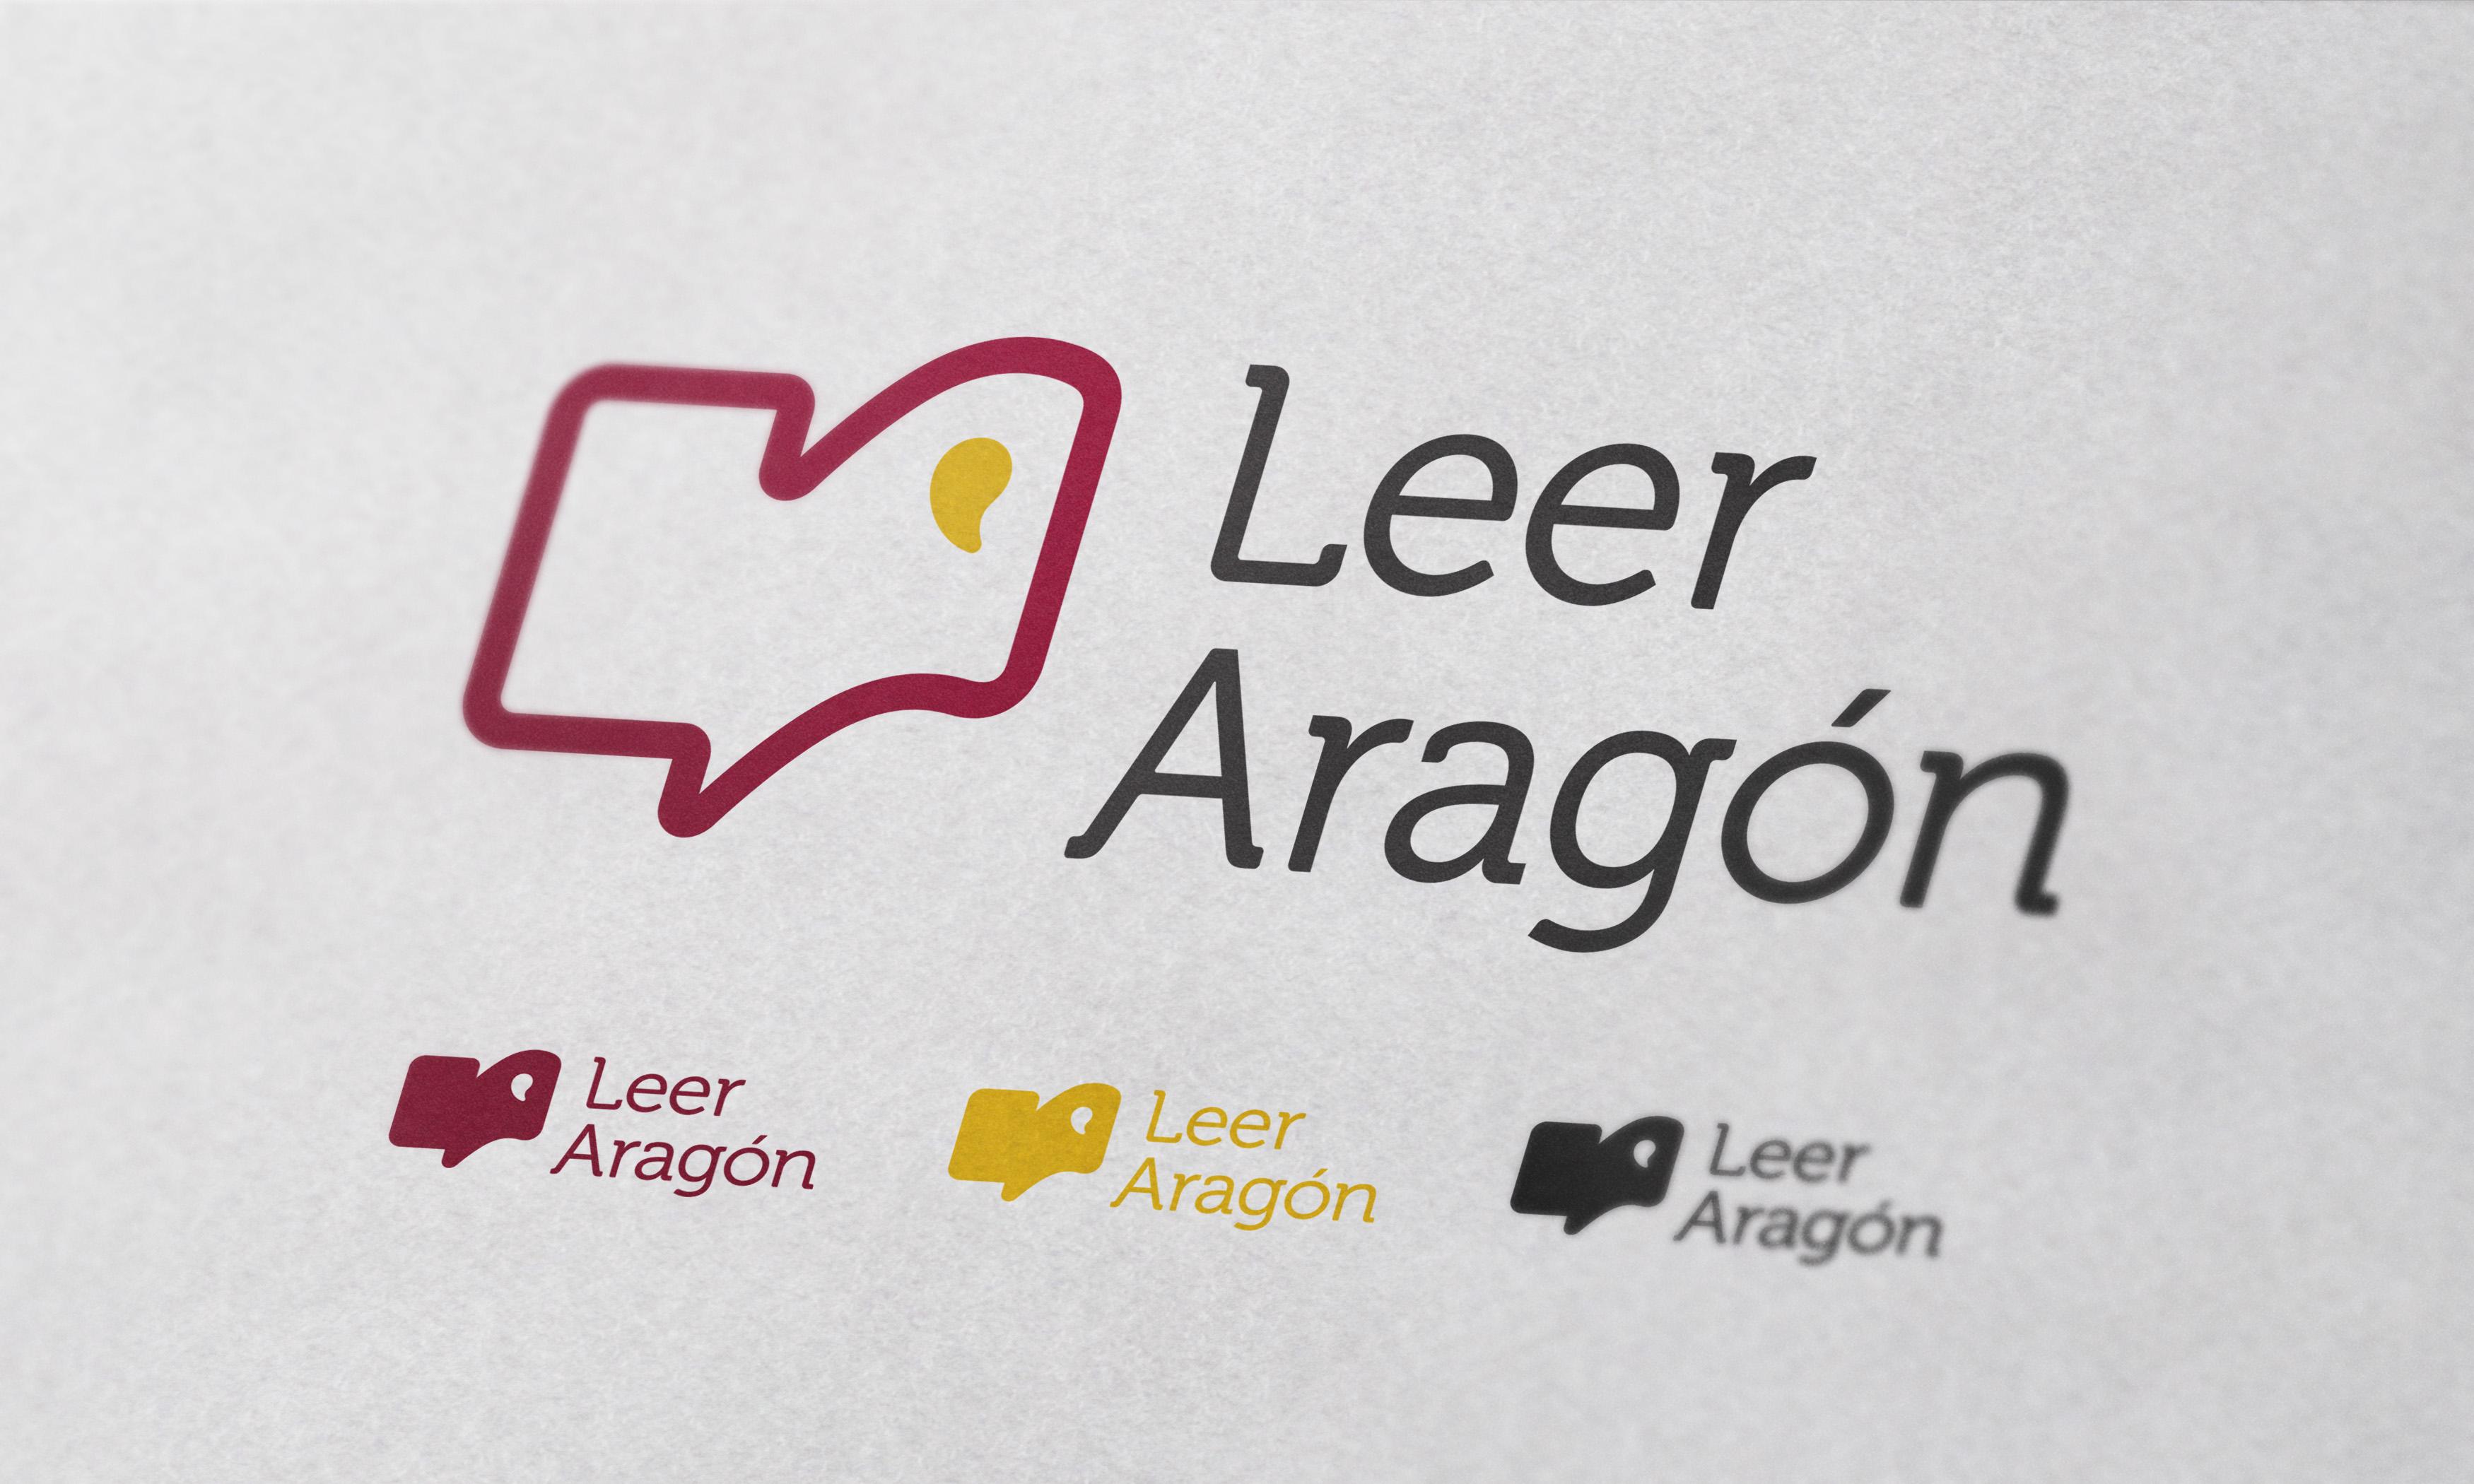 Diseño de logotipo e identidad gráfica Leer Aragón por Fernando Sánchez Arribas, Conmisojos